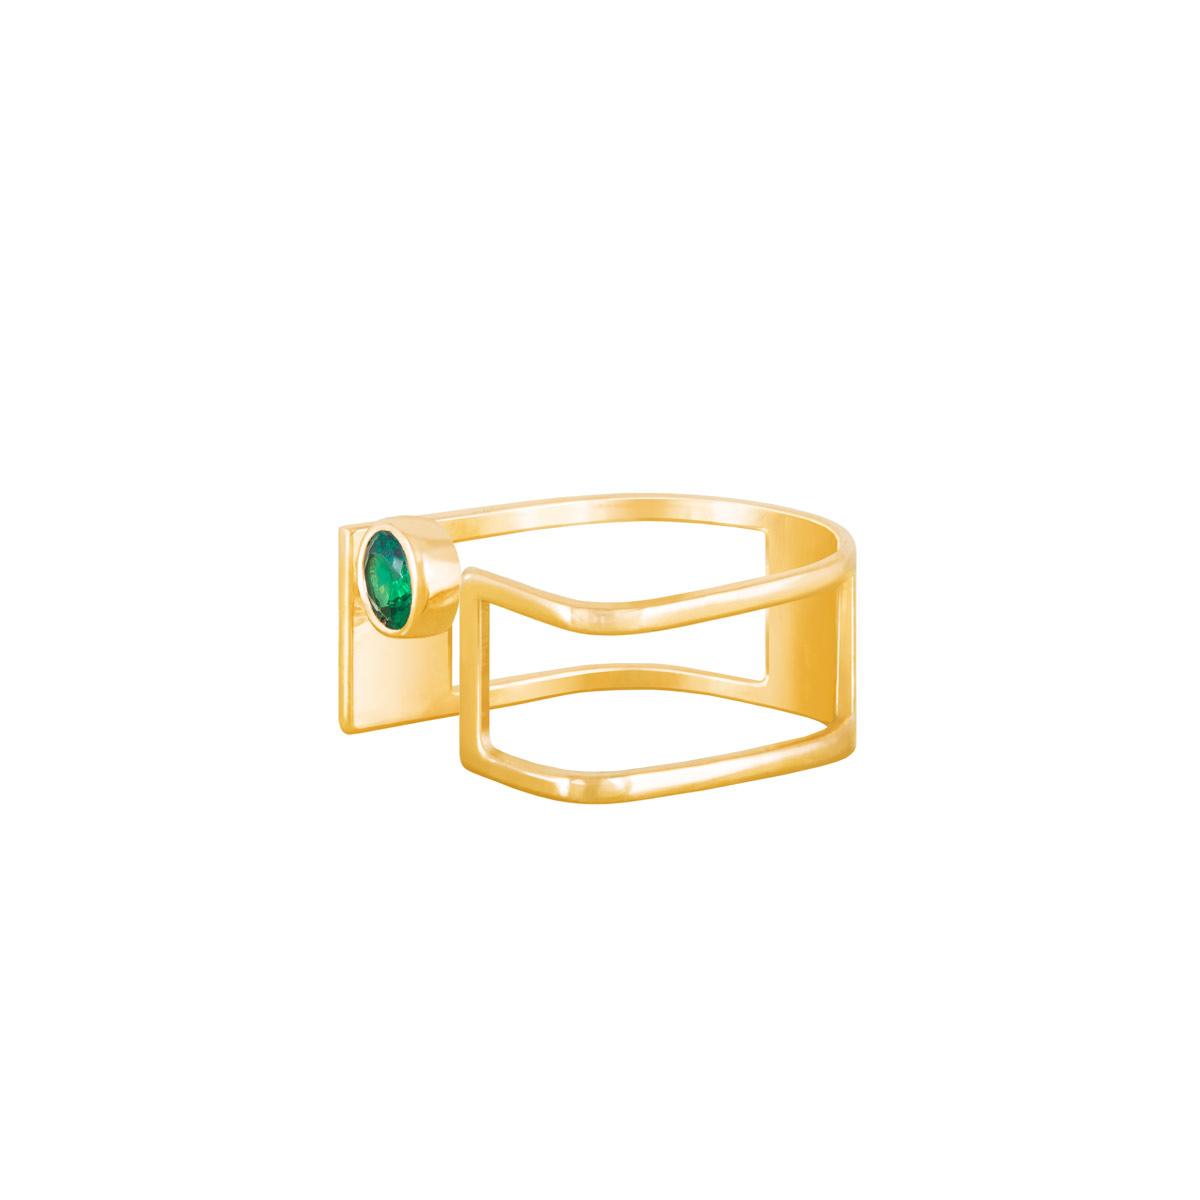 انگشتر طلا دایره سبز |parasteh